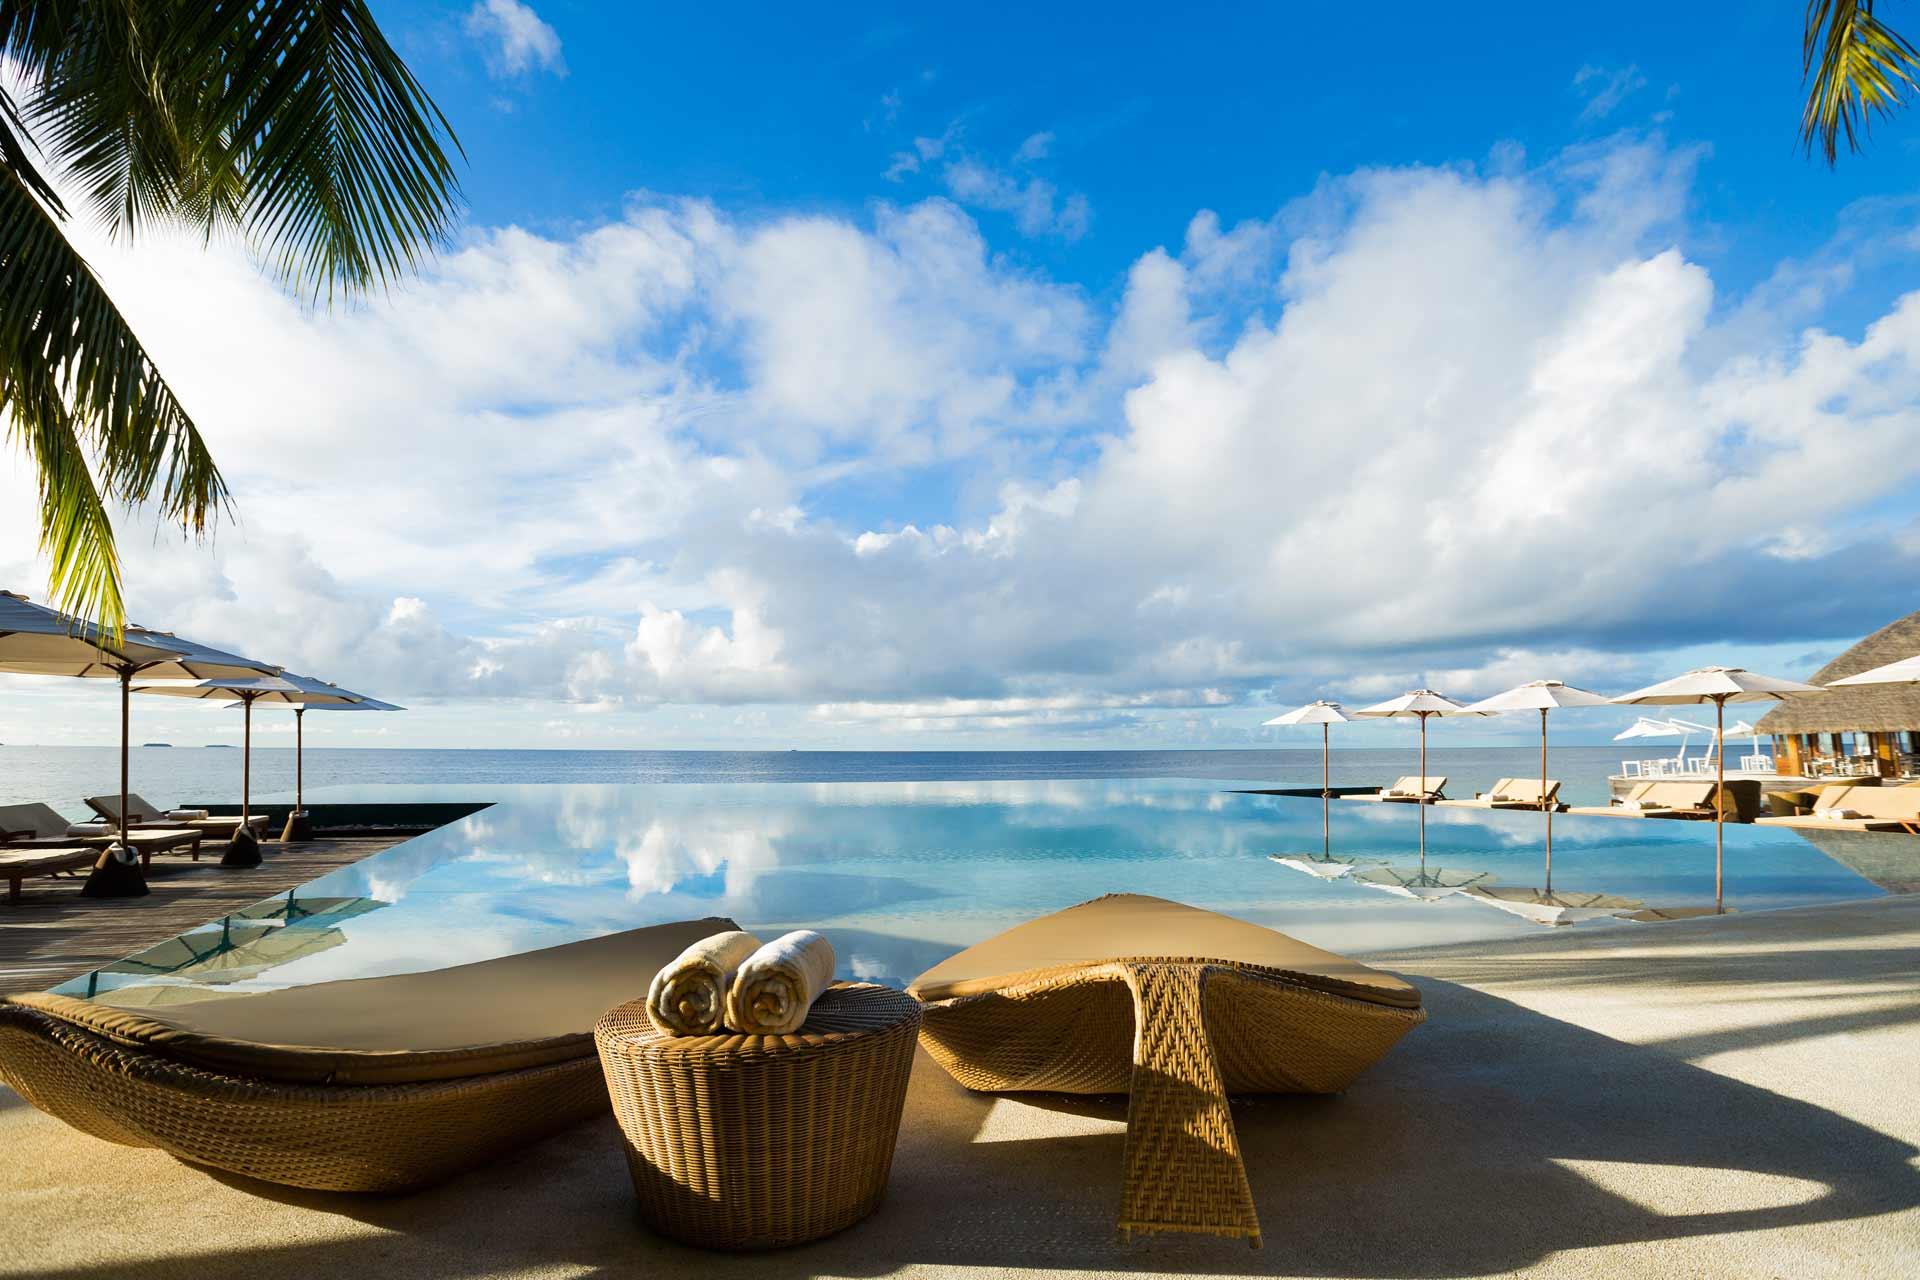 Мальдивы - лучшие отели на Атолле Северный Мале